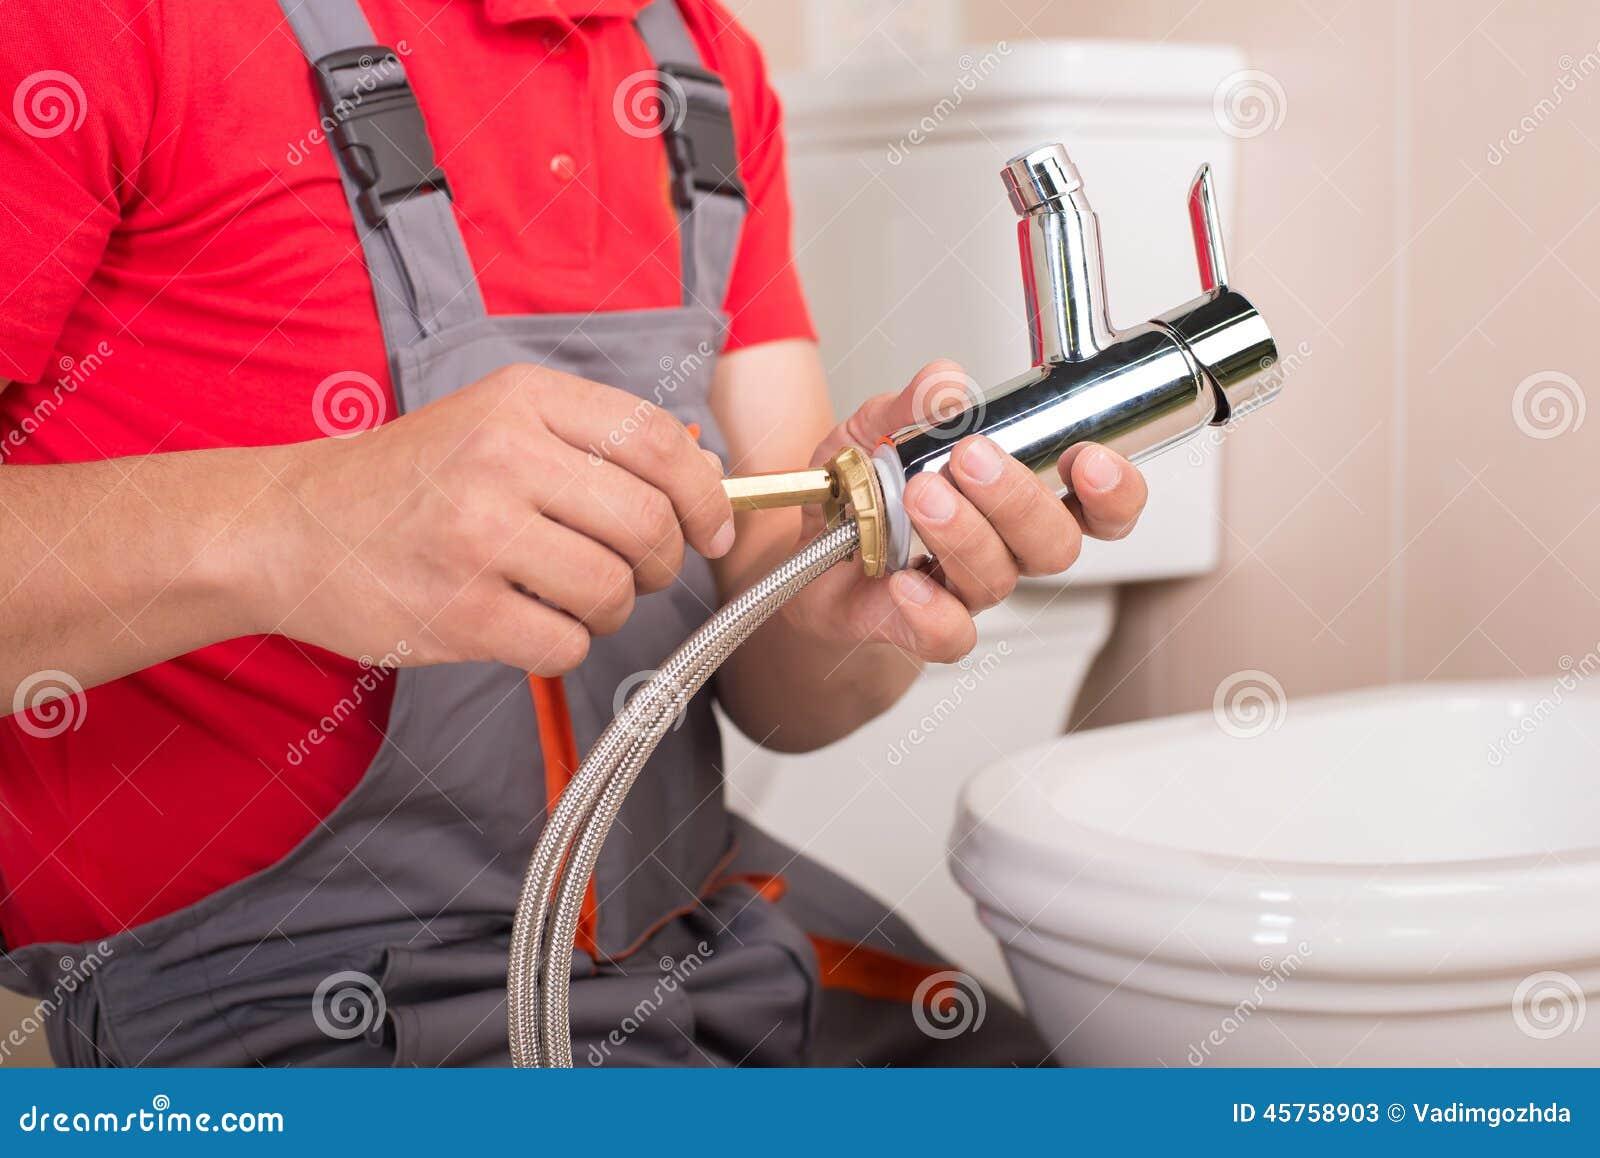 Plumbing Stock Photo Image 45758903